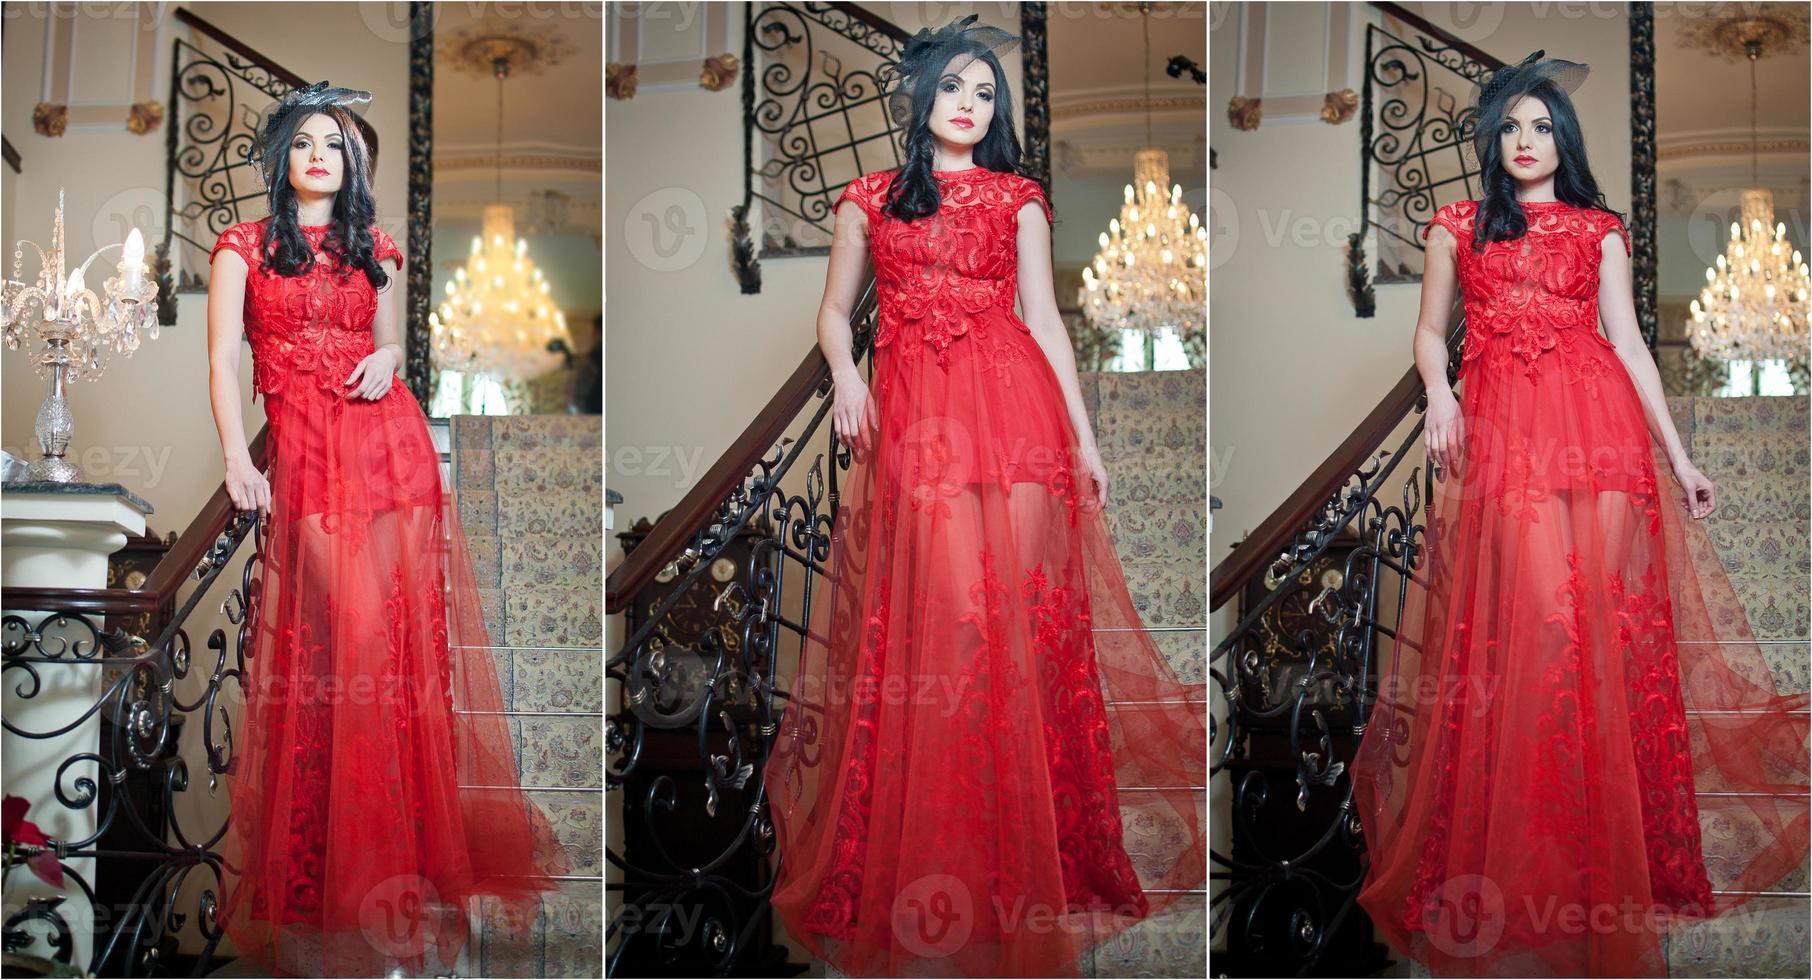 sensuele elegante jonge vrouw in rode lange jurk indoor shot. foto